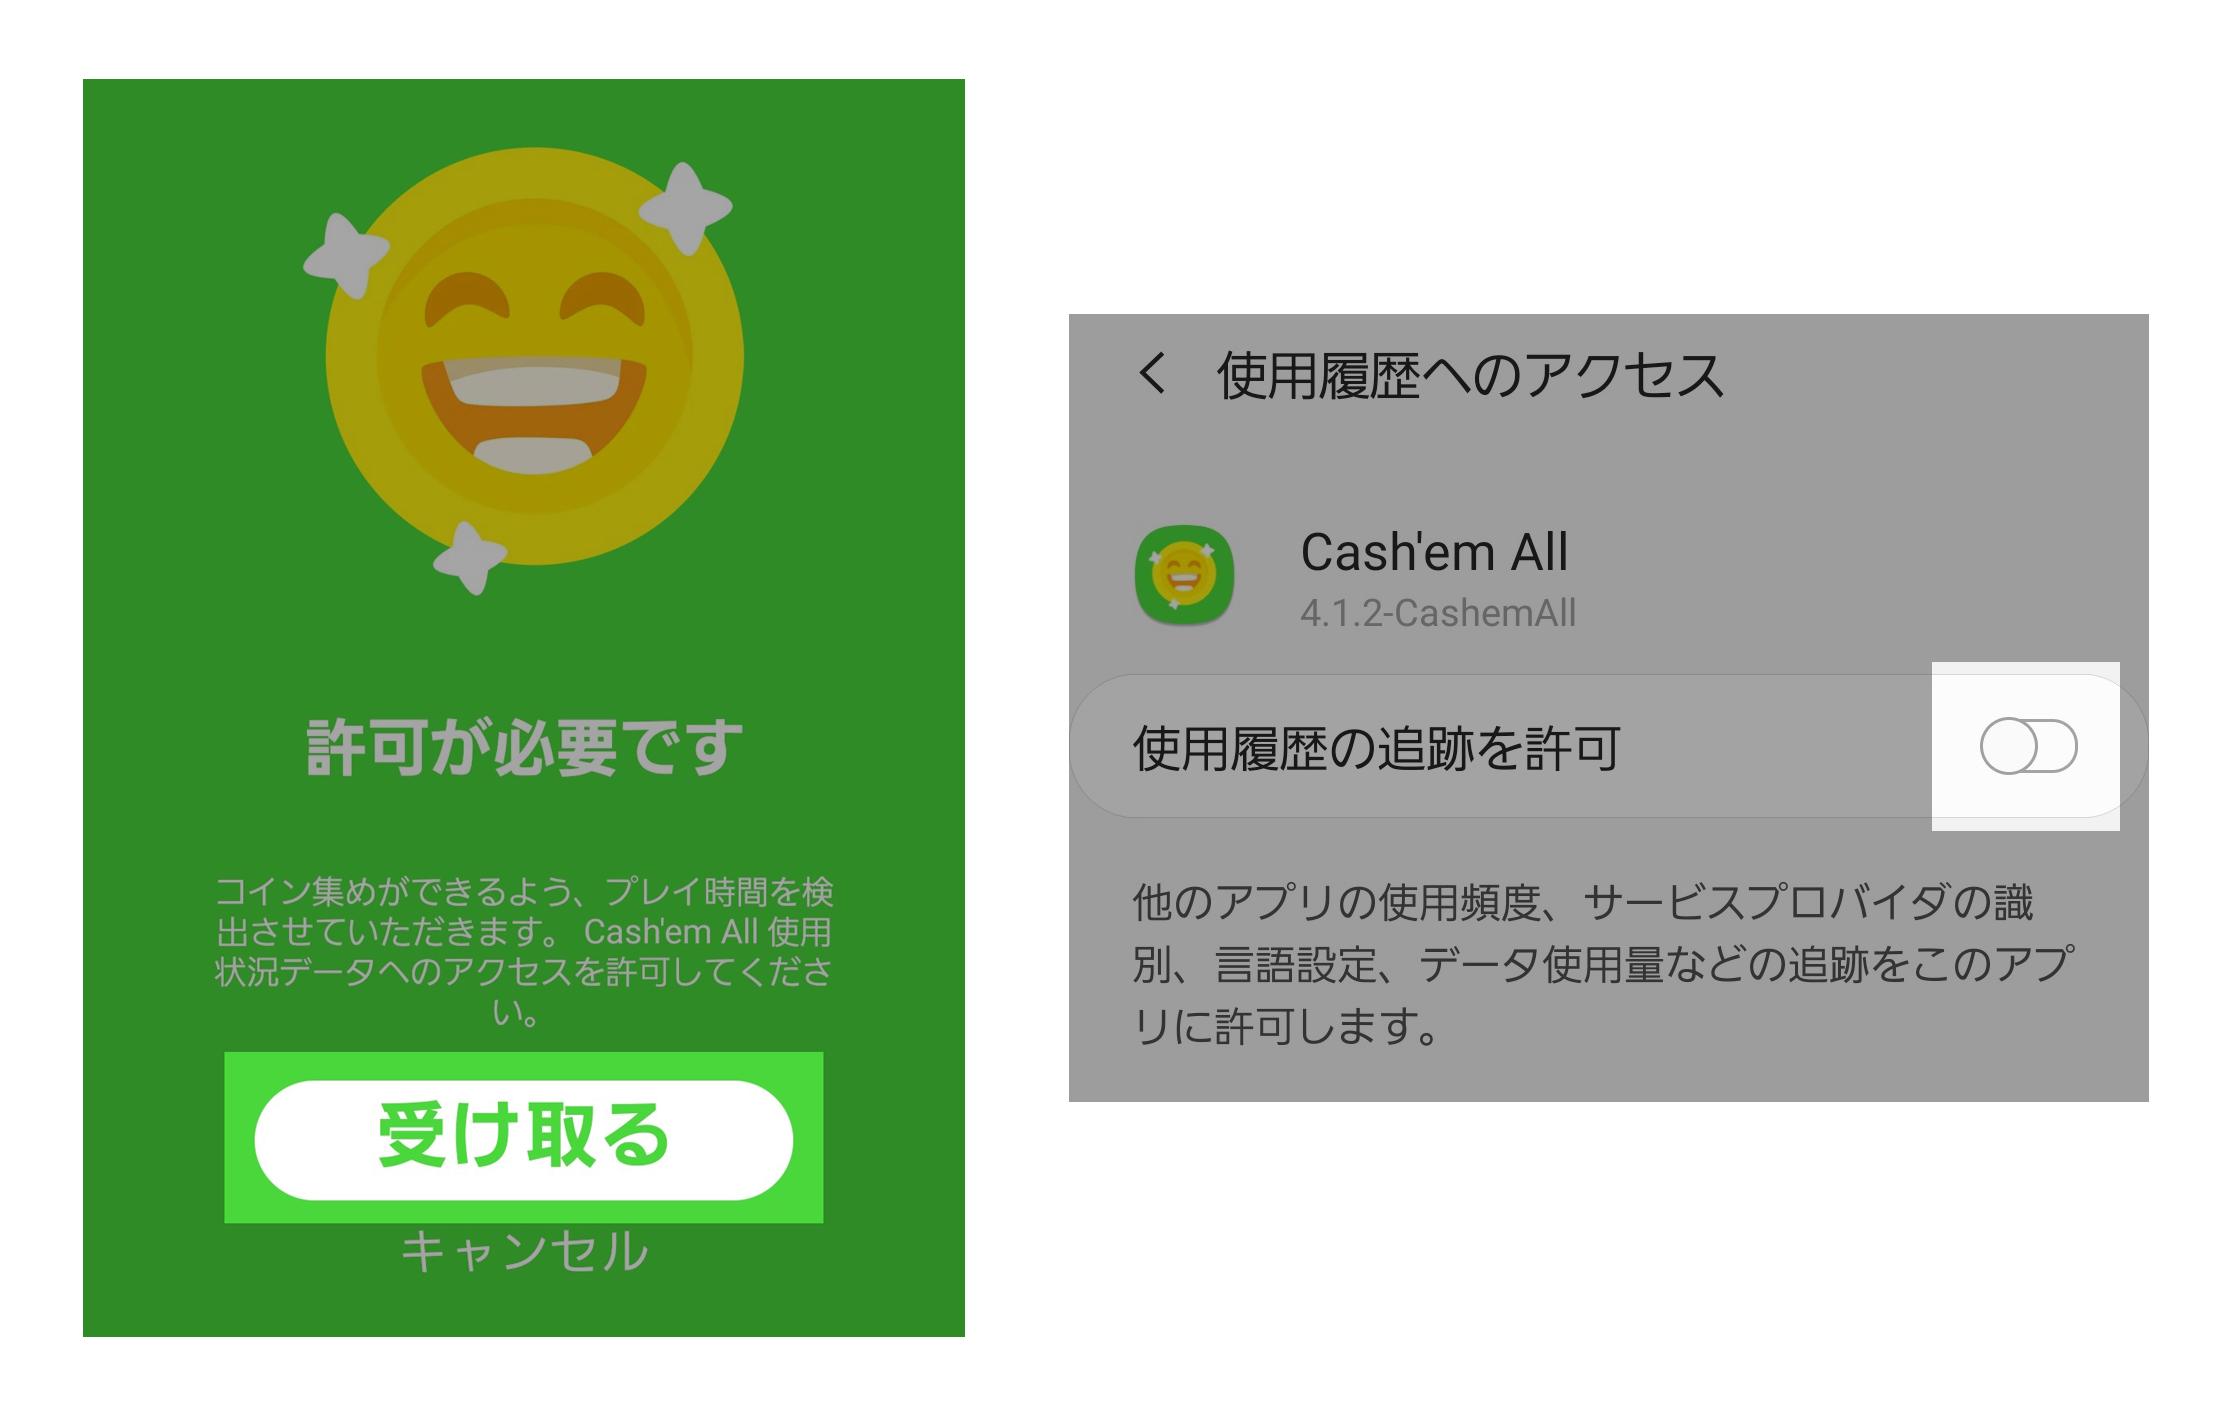 Cash'em all,使用履歴の追跡の許可